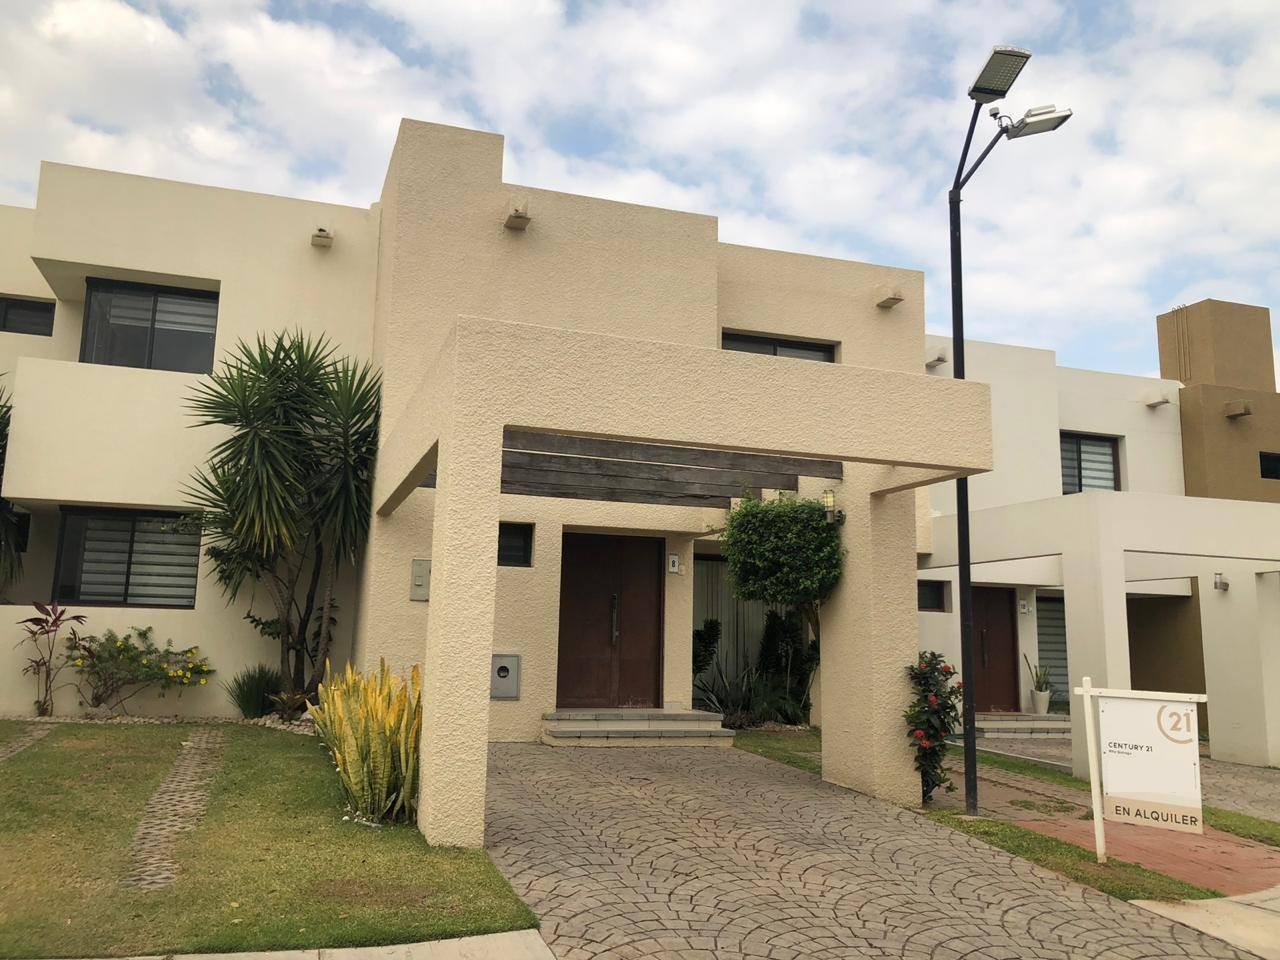 Casa en Alquiler ZONA NORTE - CONDOMINIO LA HACIENDA 3, CASA EN ALQUILER. Foto 1